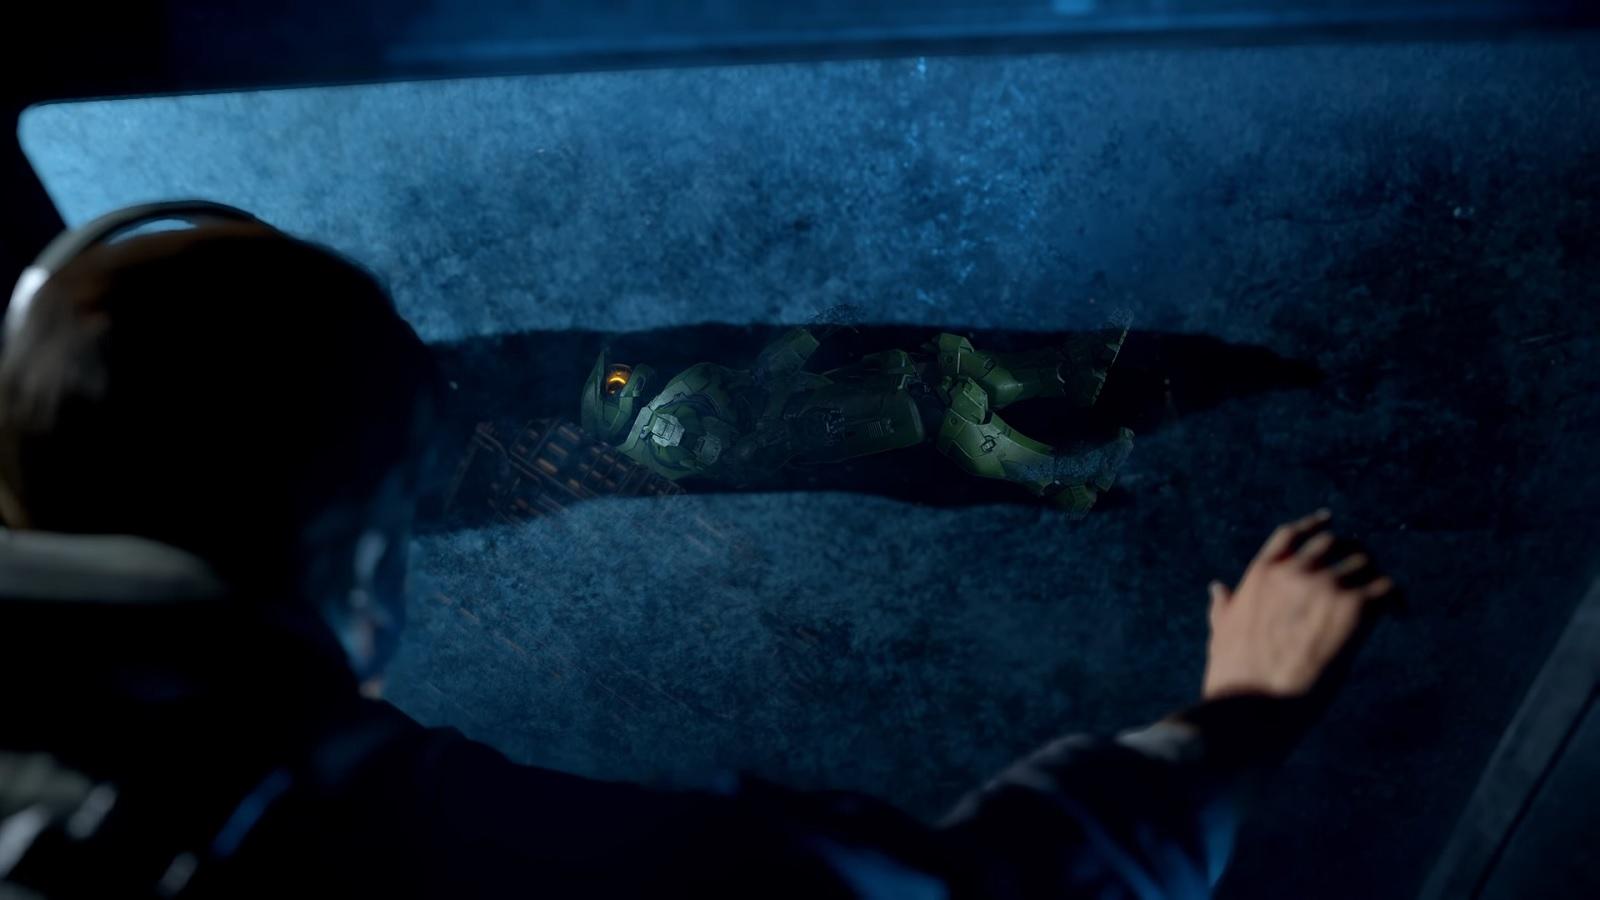 В 343 Industries пообещали рассказывать о разработке Halo Infinite хотя бы раз в месяц